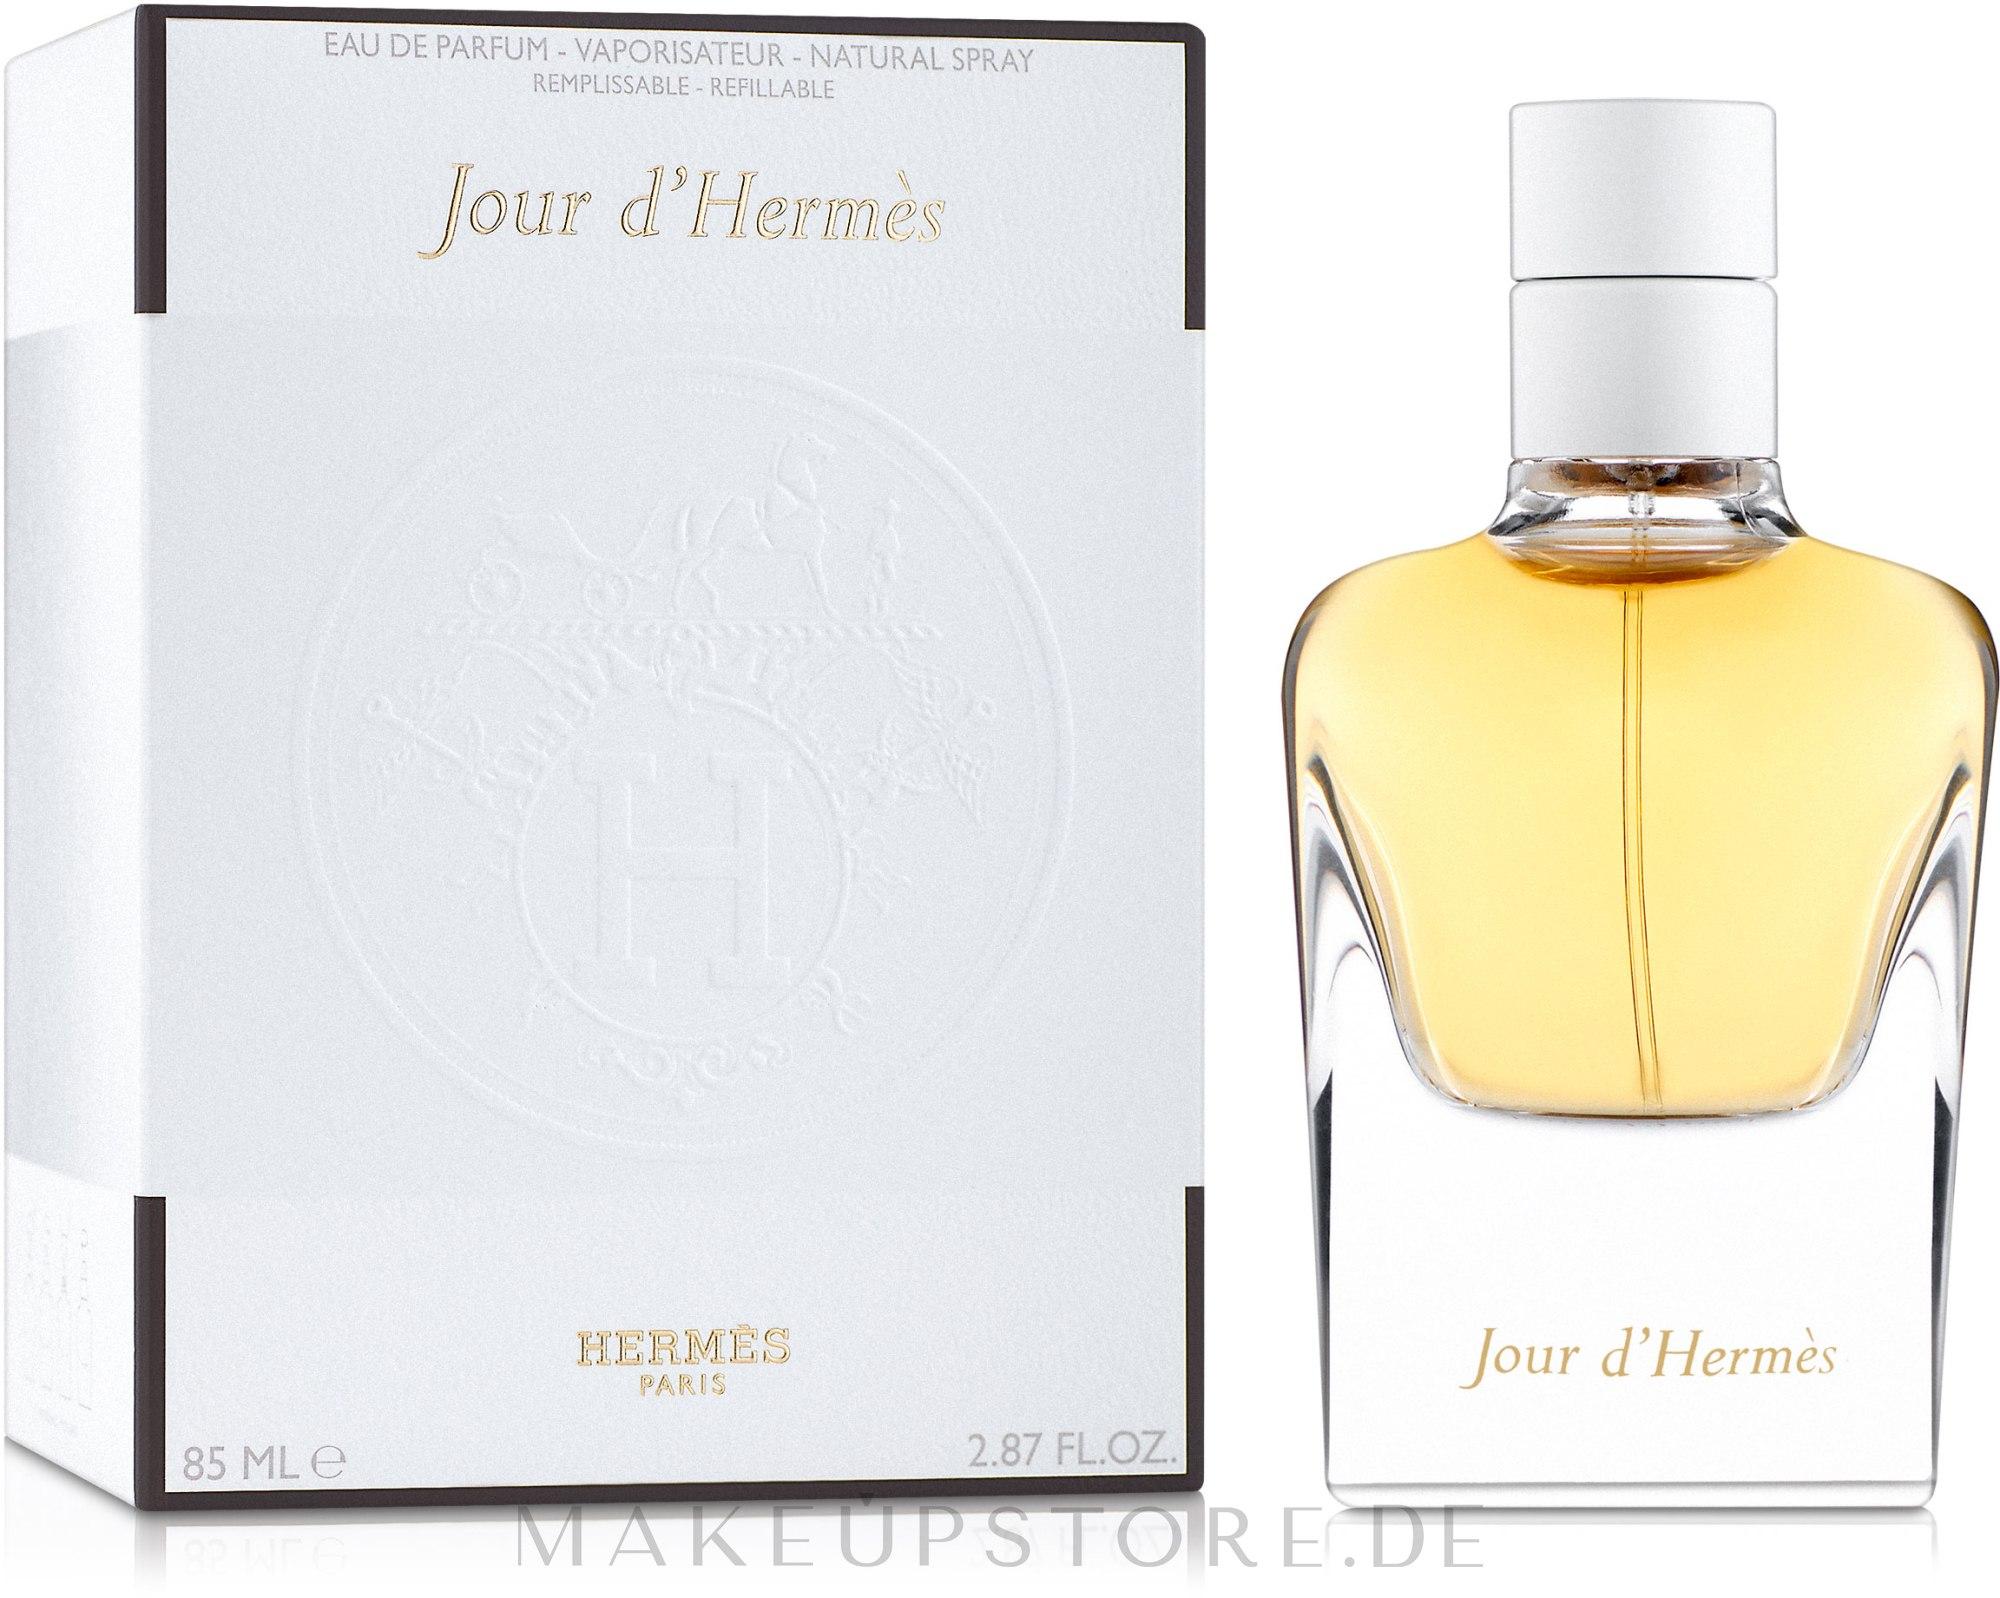 Hermes Per Nachnahme